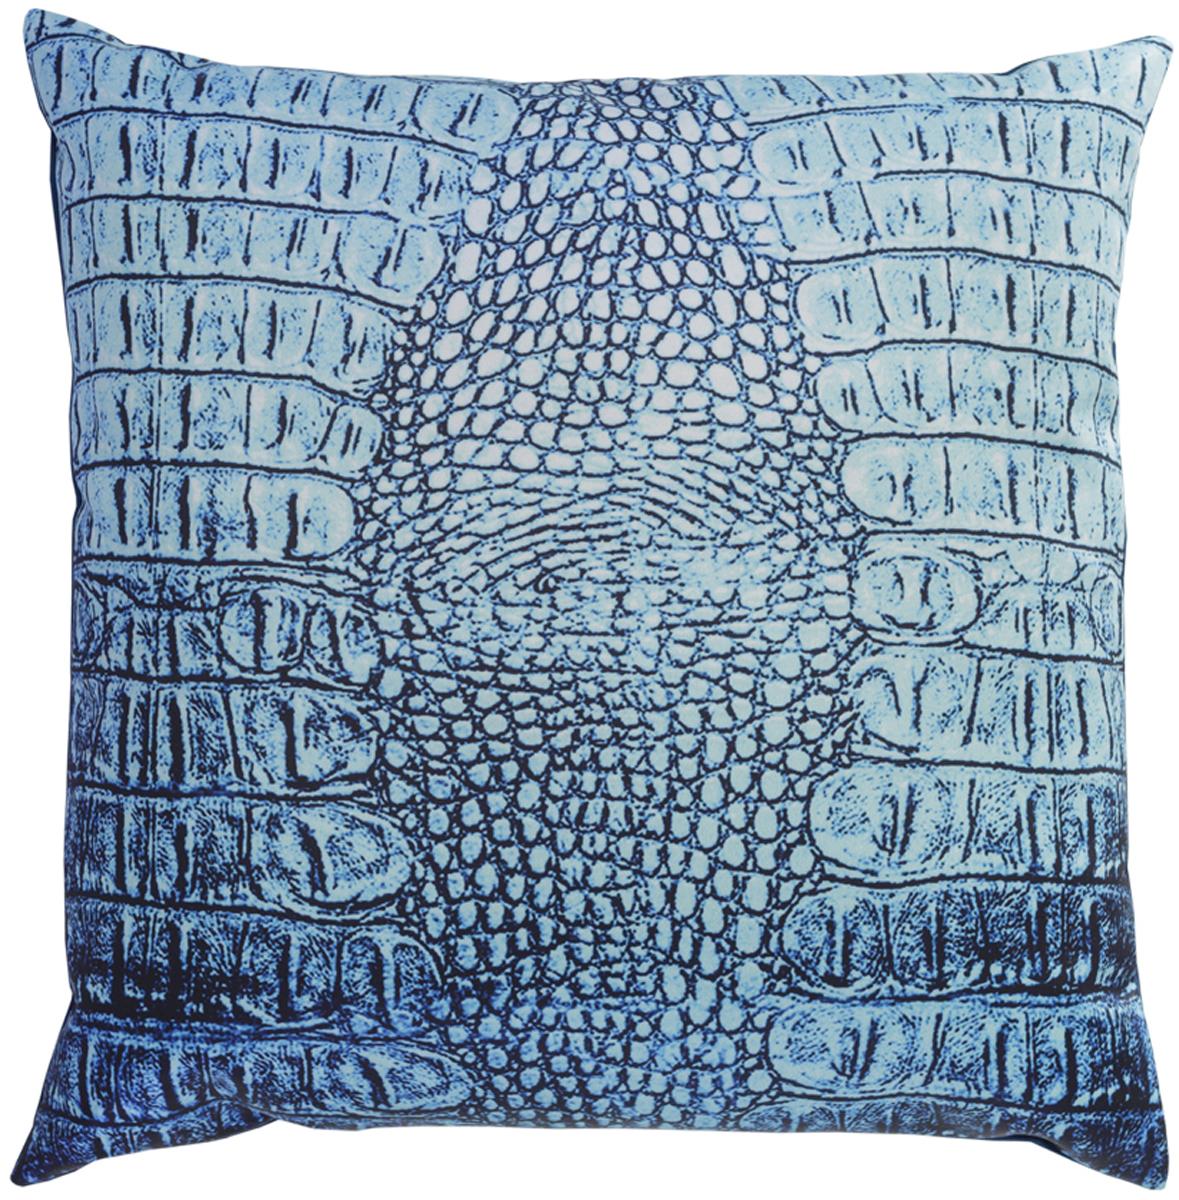 Подушка декоративная GiftnHome Крокодил, цвет: голубой, 35 х 35 смPLW-35 Croco(bm)Подушка декоративная GiftnHome Крокодил прекрасно дополнит интерьер спальни или гостиной. Чехол подушки выполнен из атласа (искусственный шелк) и оформлен изысканным орнаментом. В качестве наполнителя используется мягкий холлофайбер. Чехол снабжен потайной застежкой-молнией, благодаря чему его легко можно снять и постирать. Красивая подушка создаст атмосферу уюта в доме и станет прекрасным элементом декора.